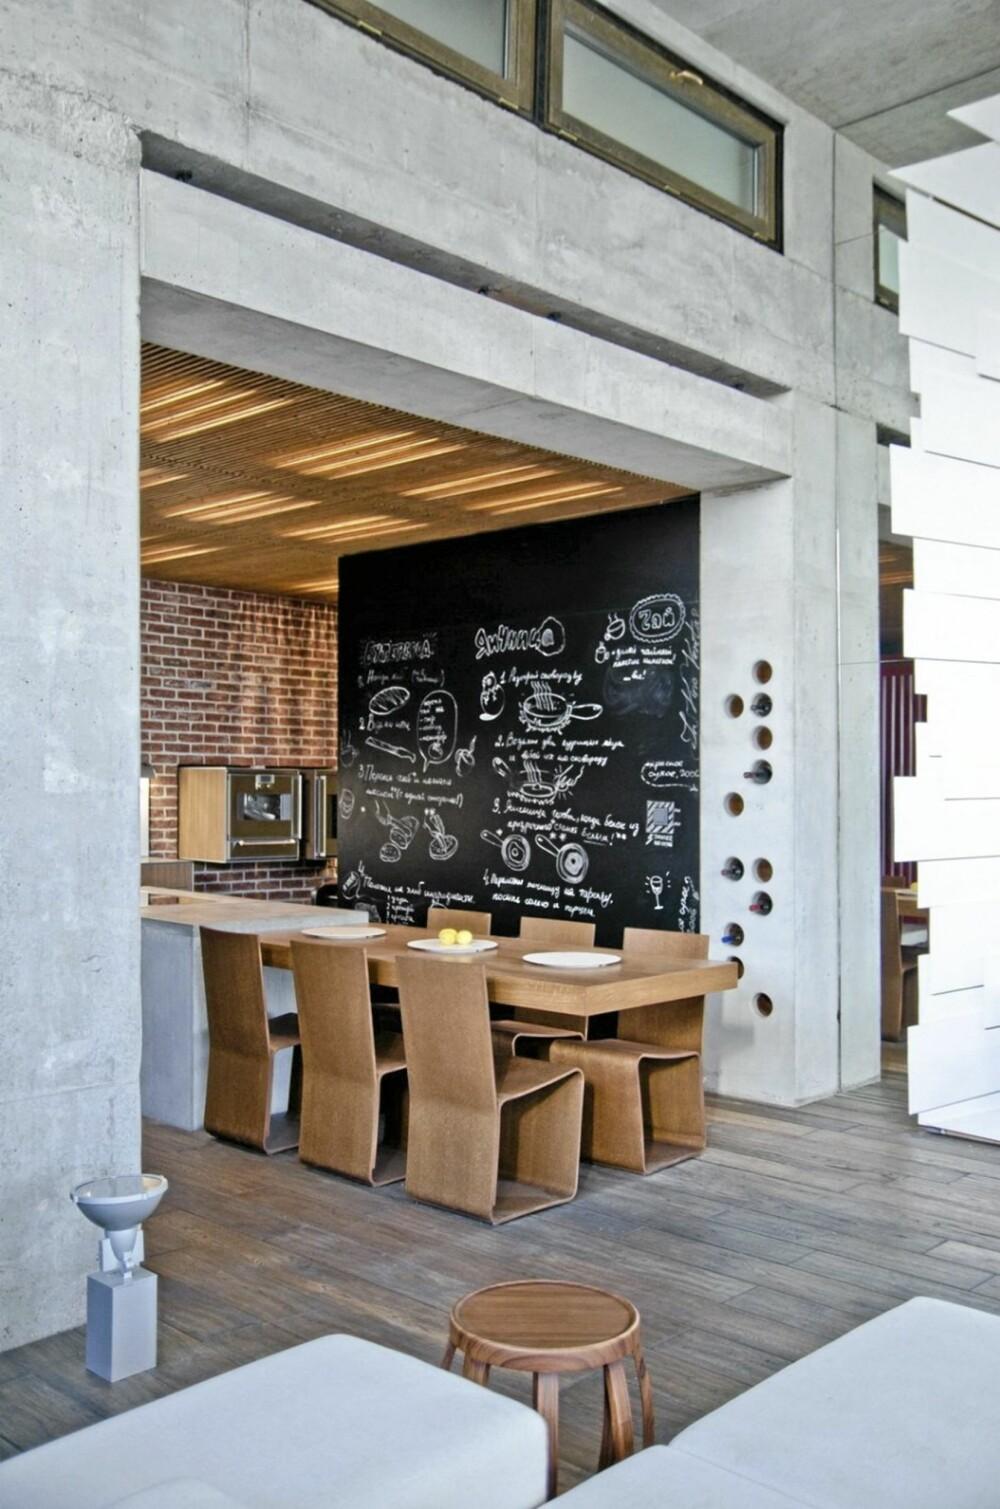 TAVLEVEGG: På kjøkkenet har designerne dekket den ene veggen med en tavle, som gir et rustikk følelse.